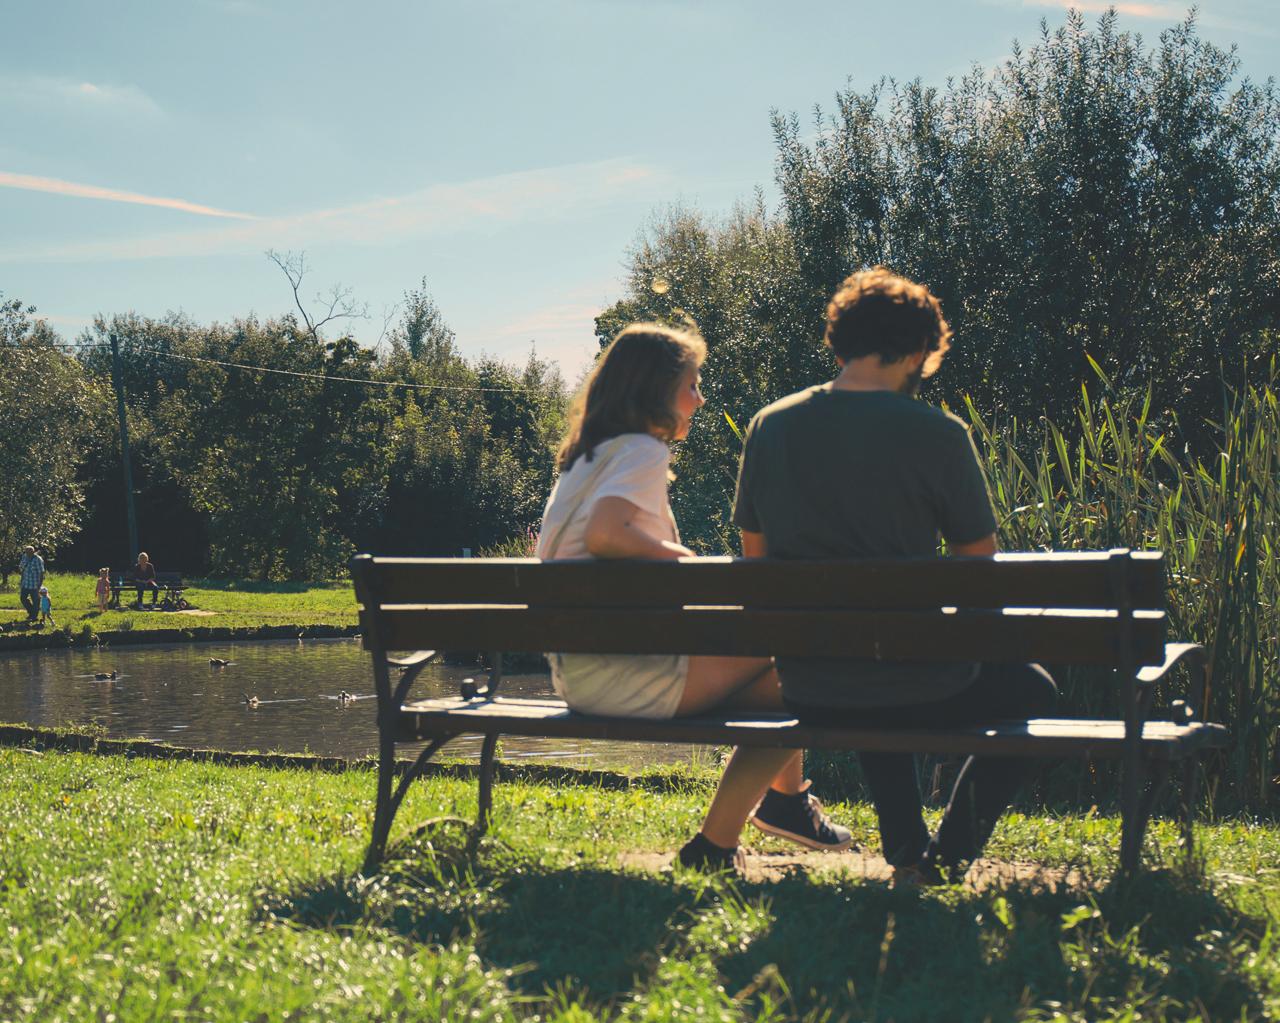 2017-10-27-Park-Bench-Couple-Conversation - Reach10-1995